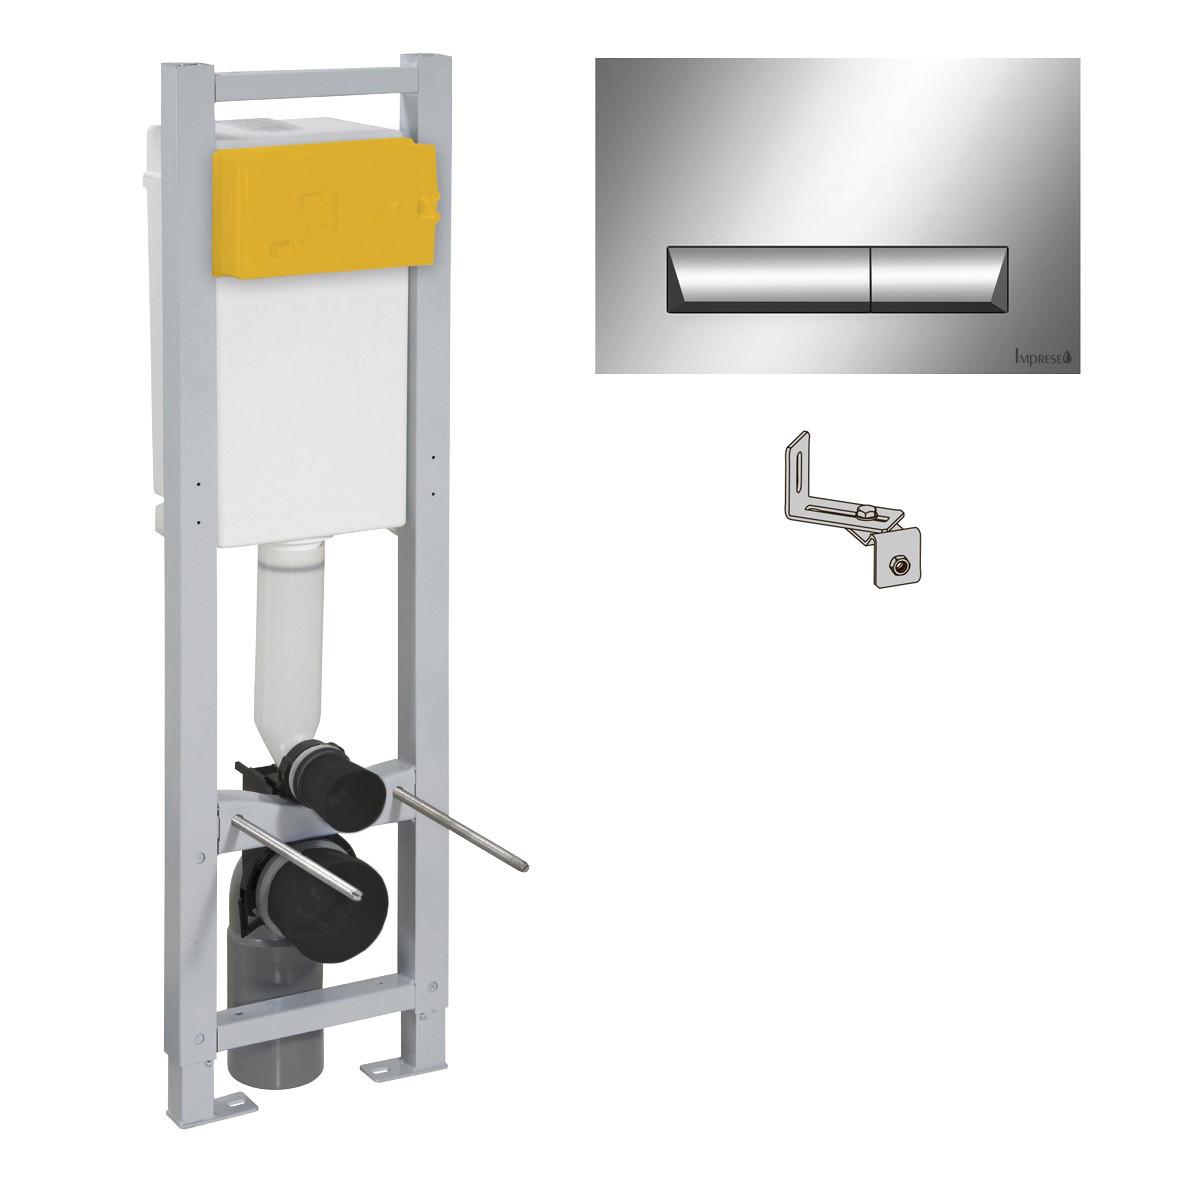 IMPRESE комплект инсталляции для унитаза 3в1, узкая 30 см (инсталляция, крепления, клавиша хром PAN)